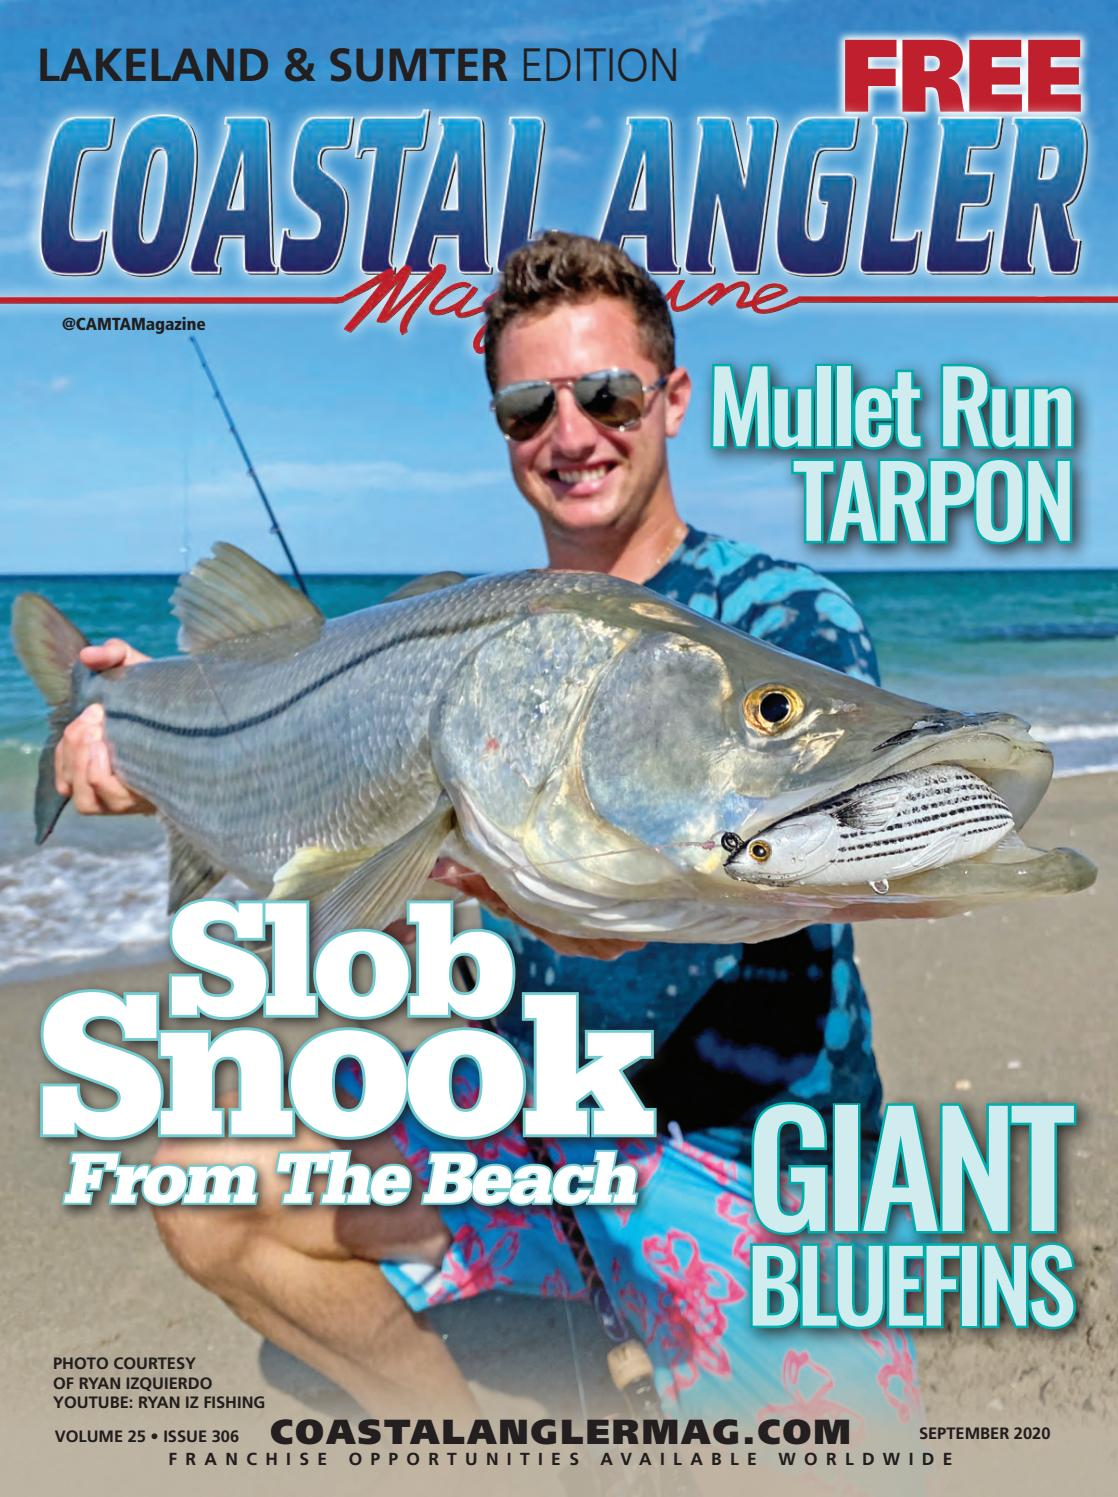 Muddy Muddy Christmas Lakeland Mudhole 2020 Coastal Angler Magazine | September 2020 | Lakeland & Sumpter